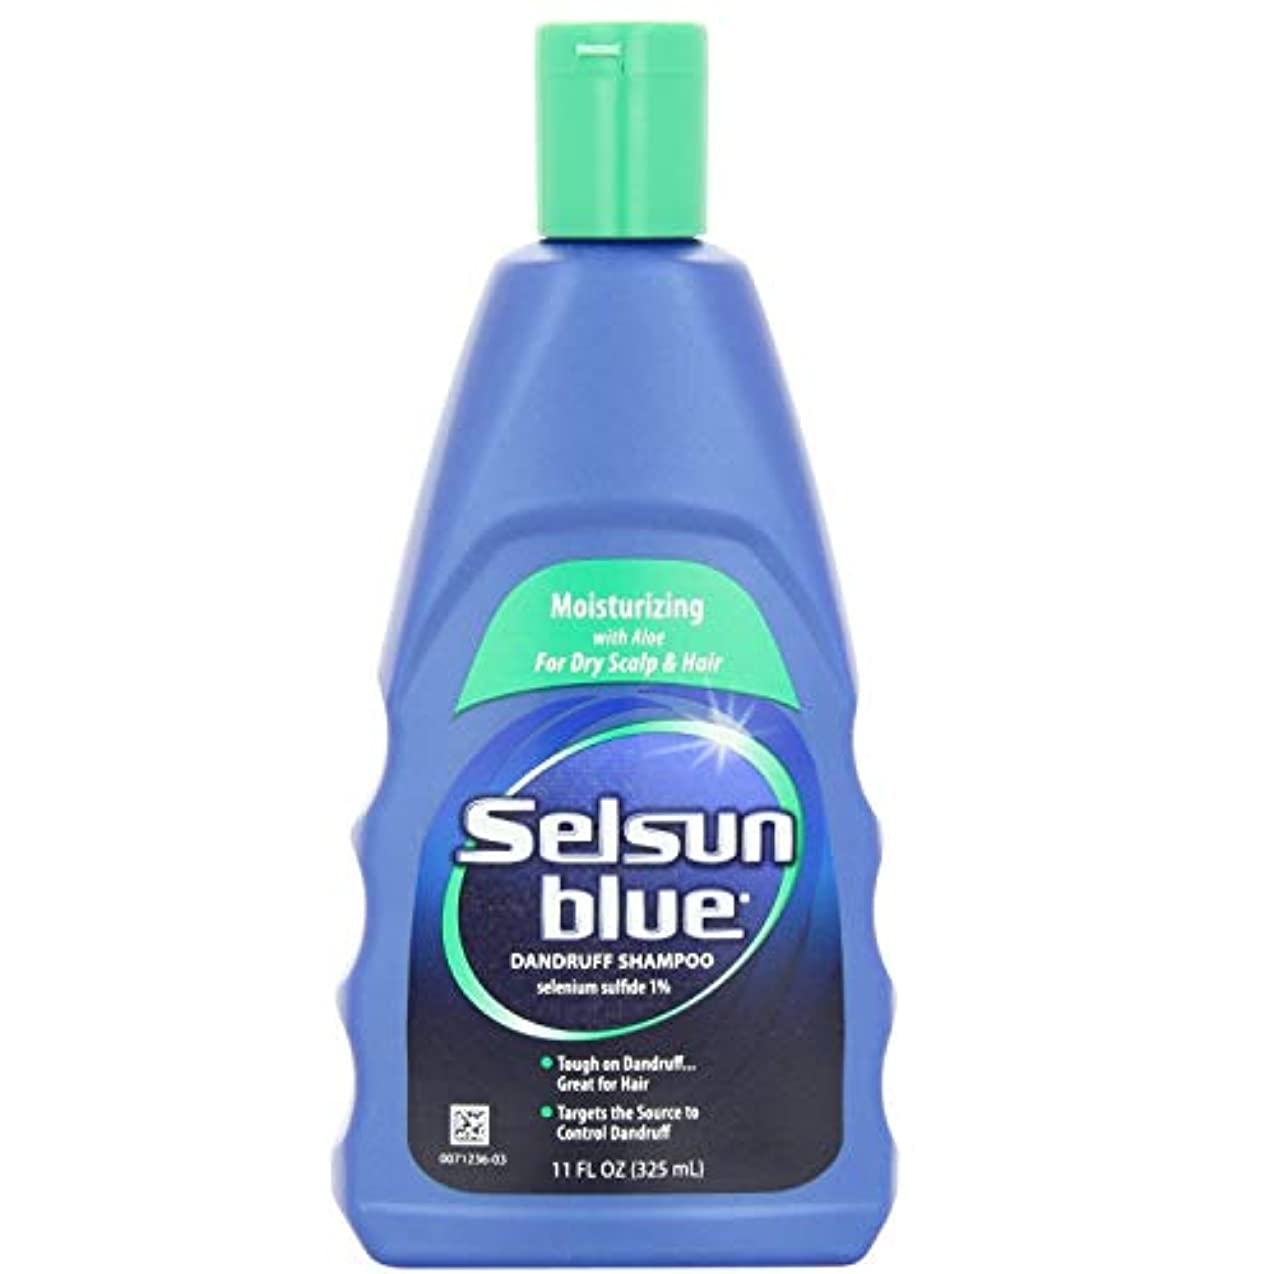 ジャグリング自分アートSelsun Blue Dandruff Shampoo, Moisturizing with Aloe for Dry Scalp and Hair, 11 Ounce by Selsun Blue [並行輸入品]